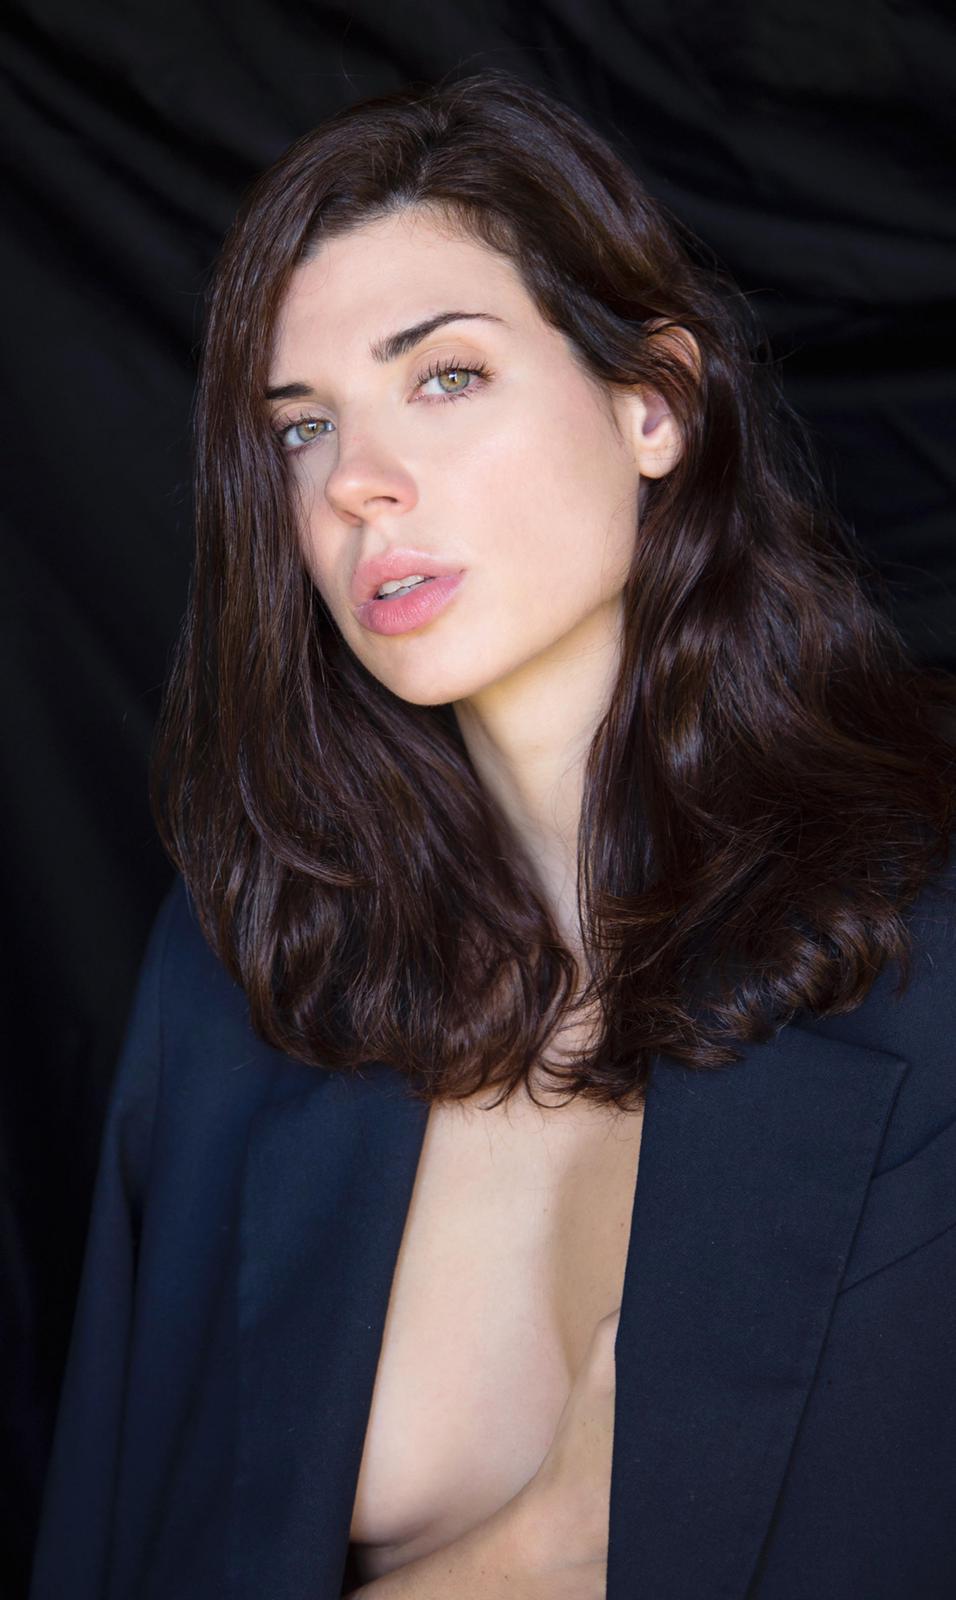 Alba C – Six Management Models & Talents